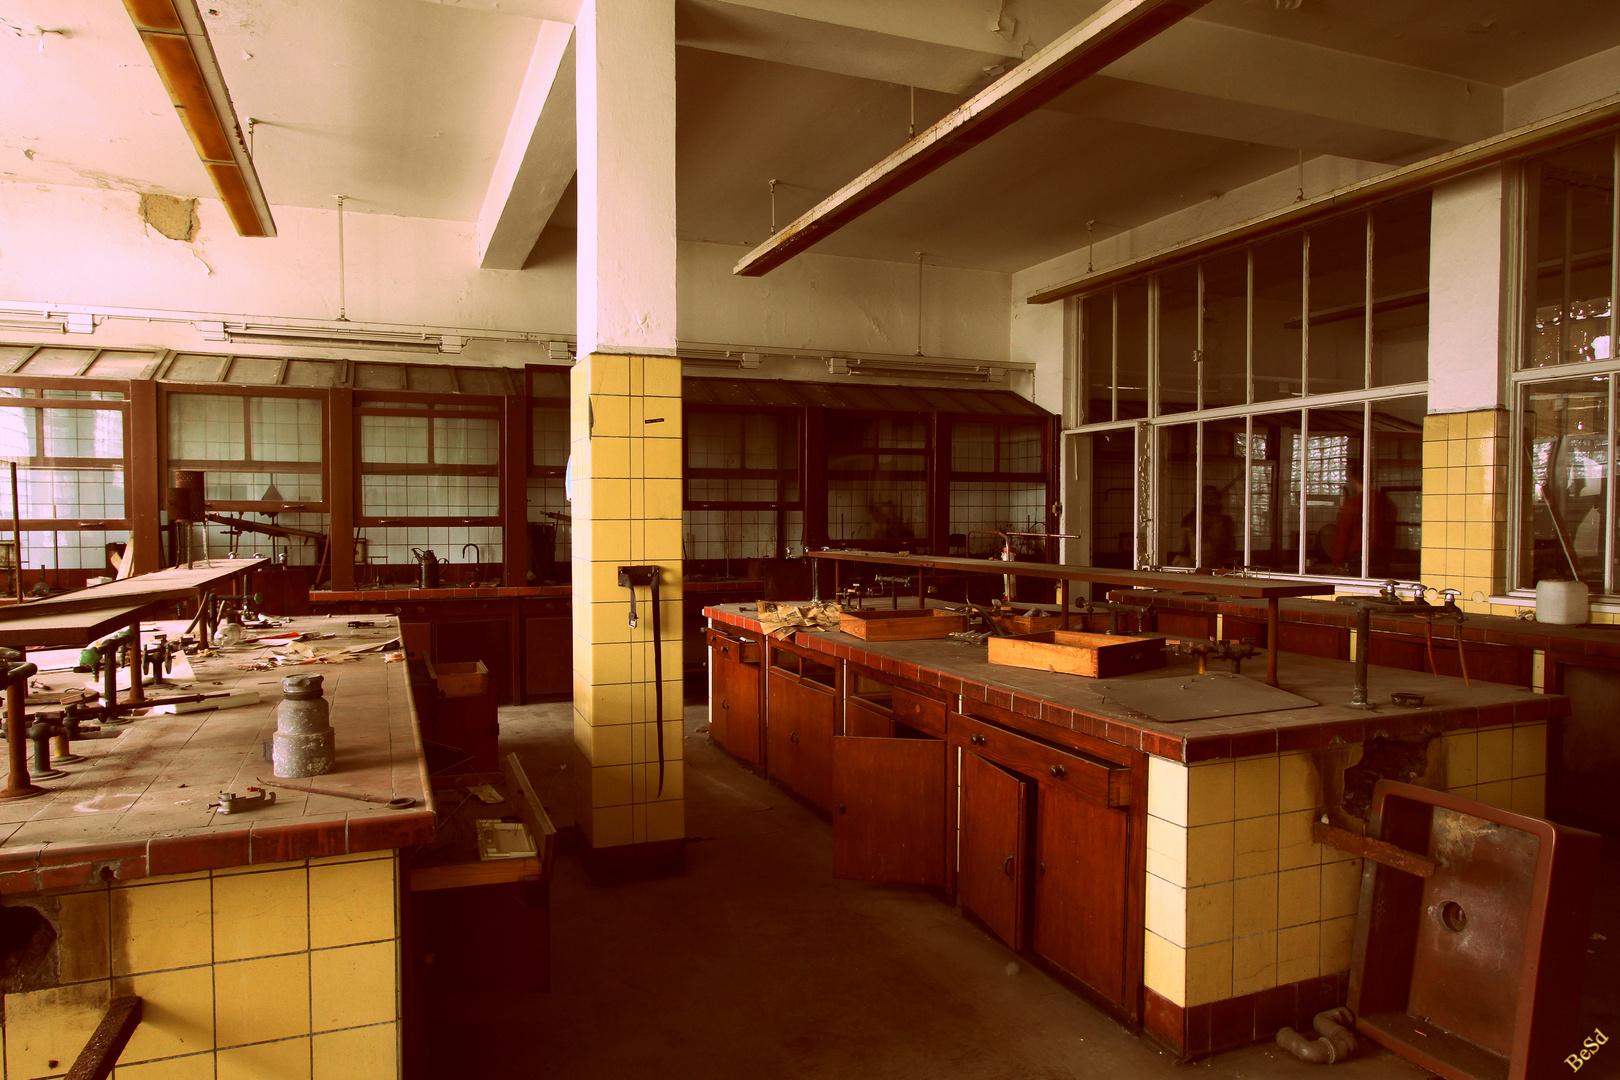 im Labor der sechziger Jahre.....